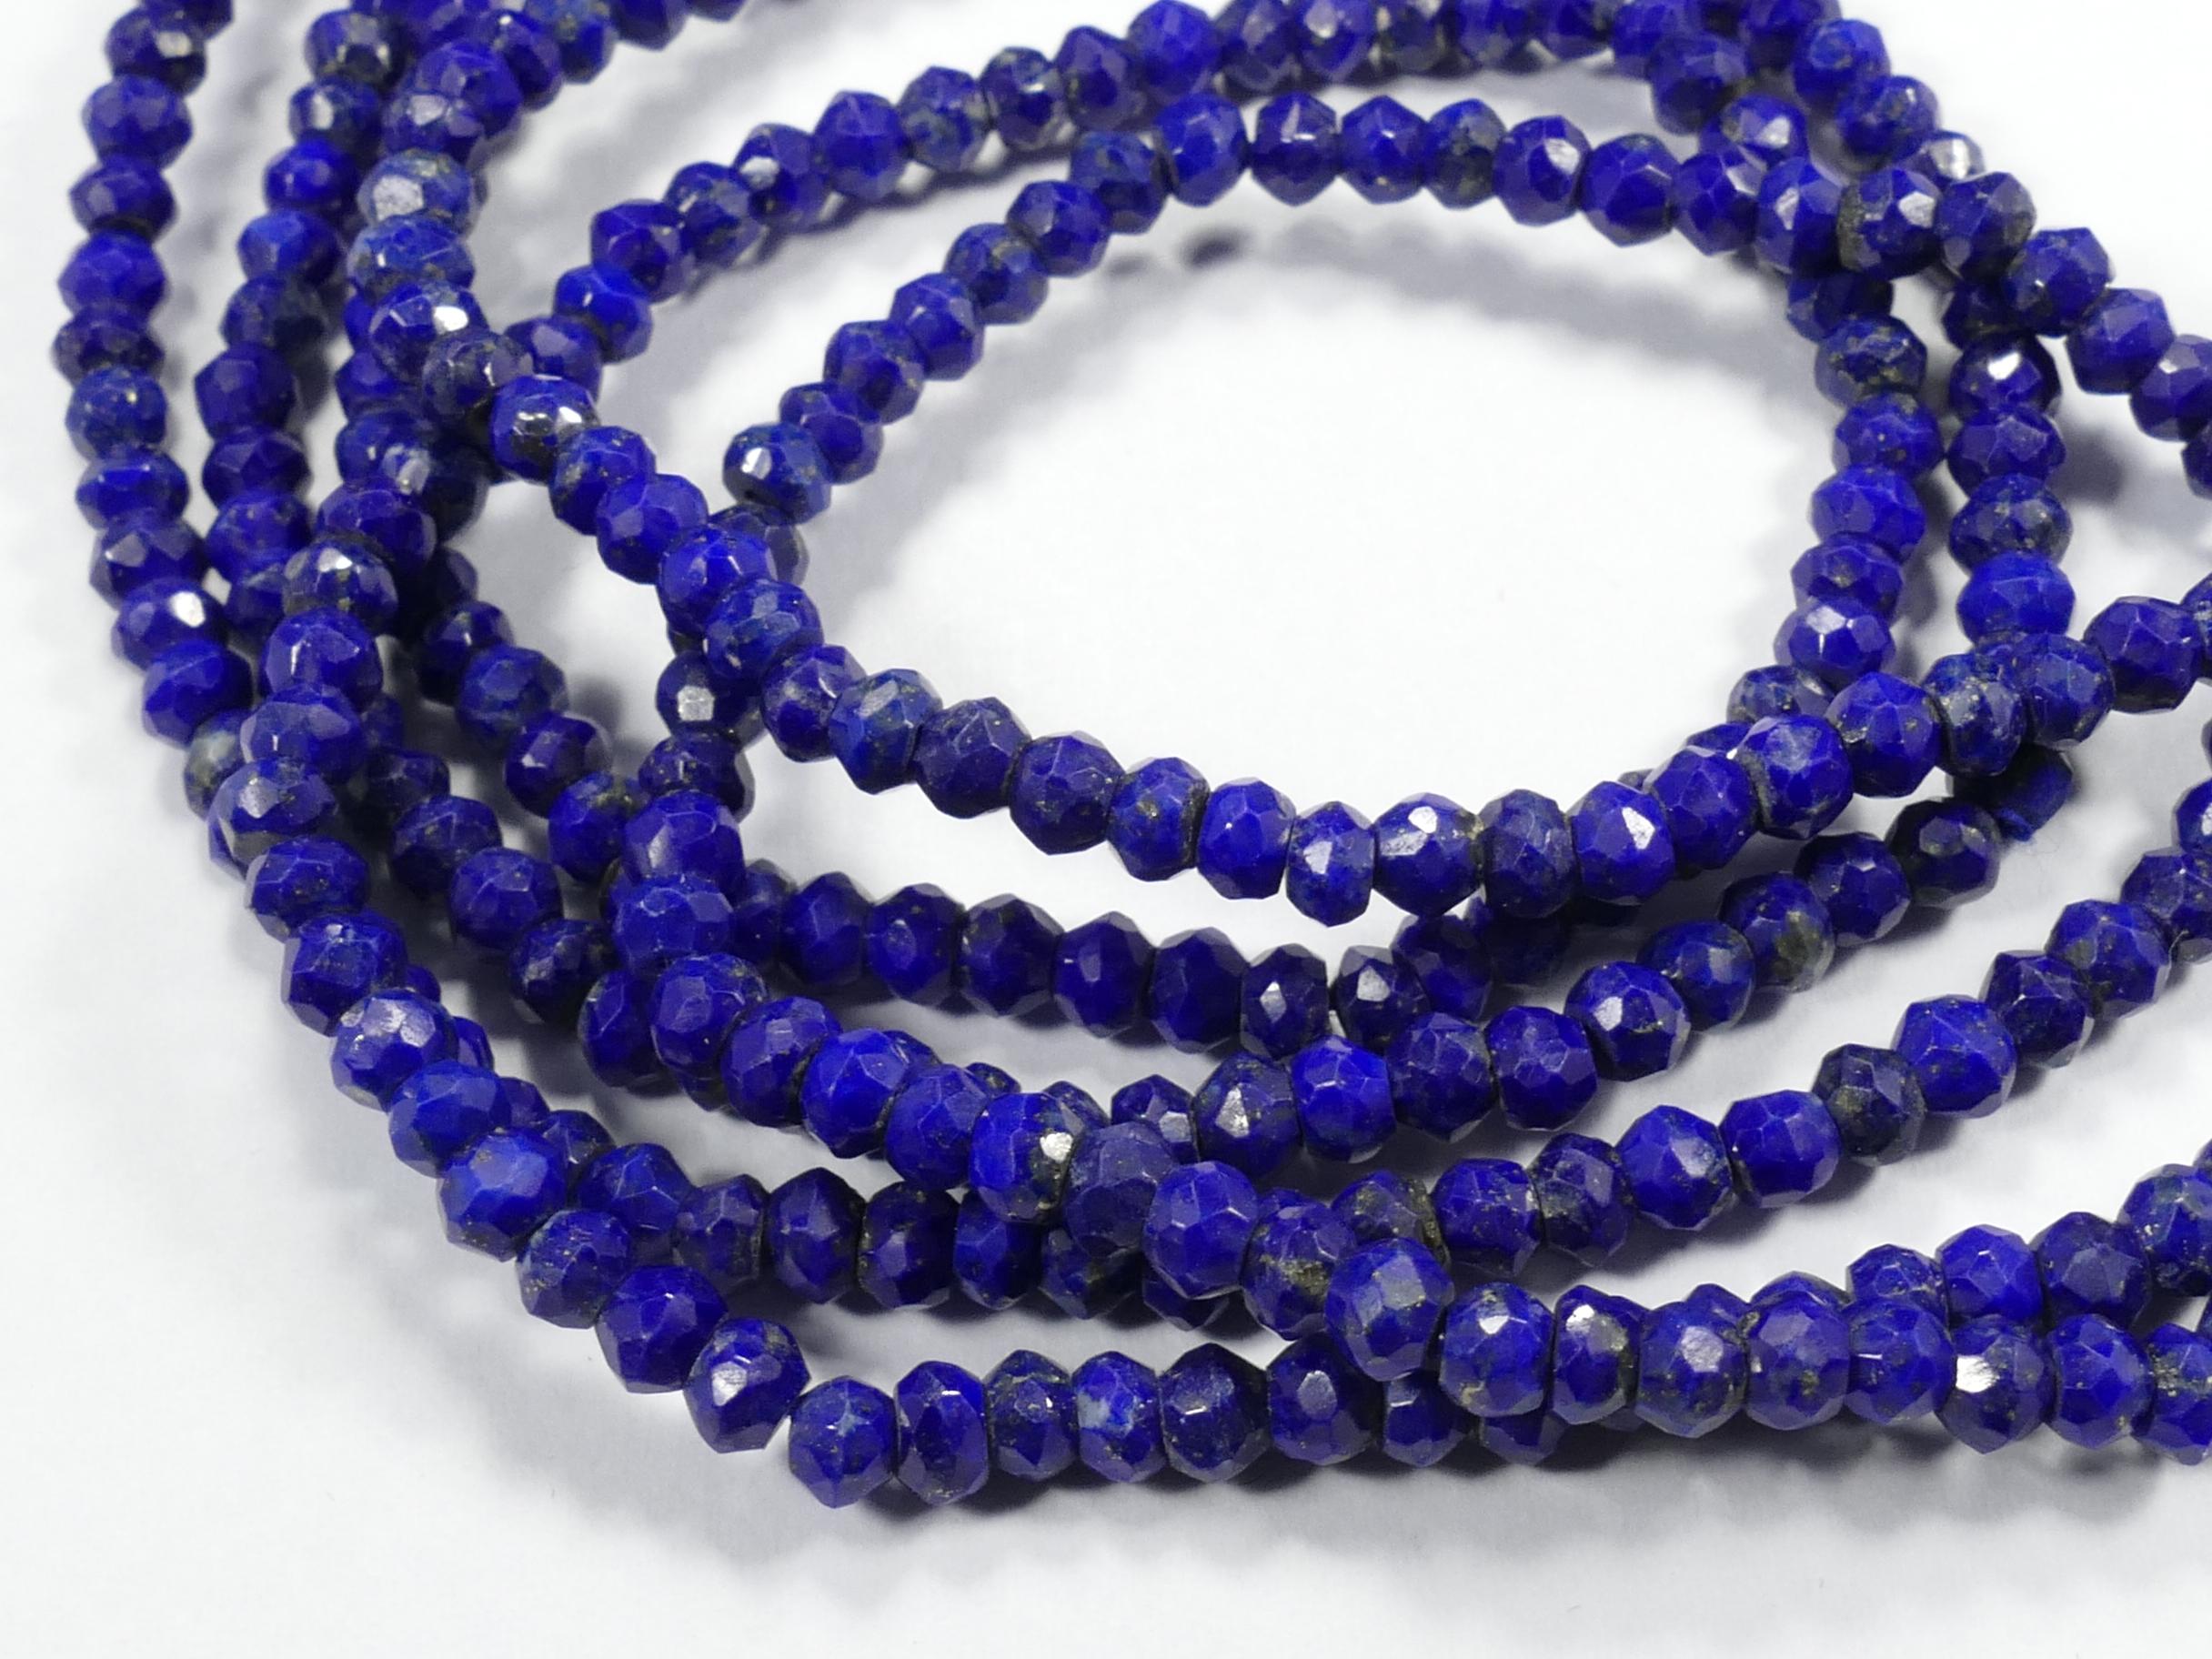 3.8/4mm Perles Lapis lazuli entièrement naturelle rondelle facettée Afghanistan x10cm (3.9inch) (#AC886)